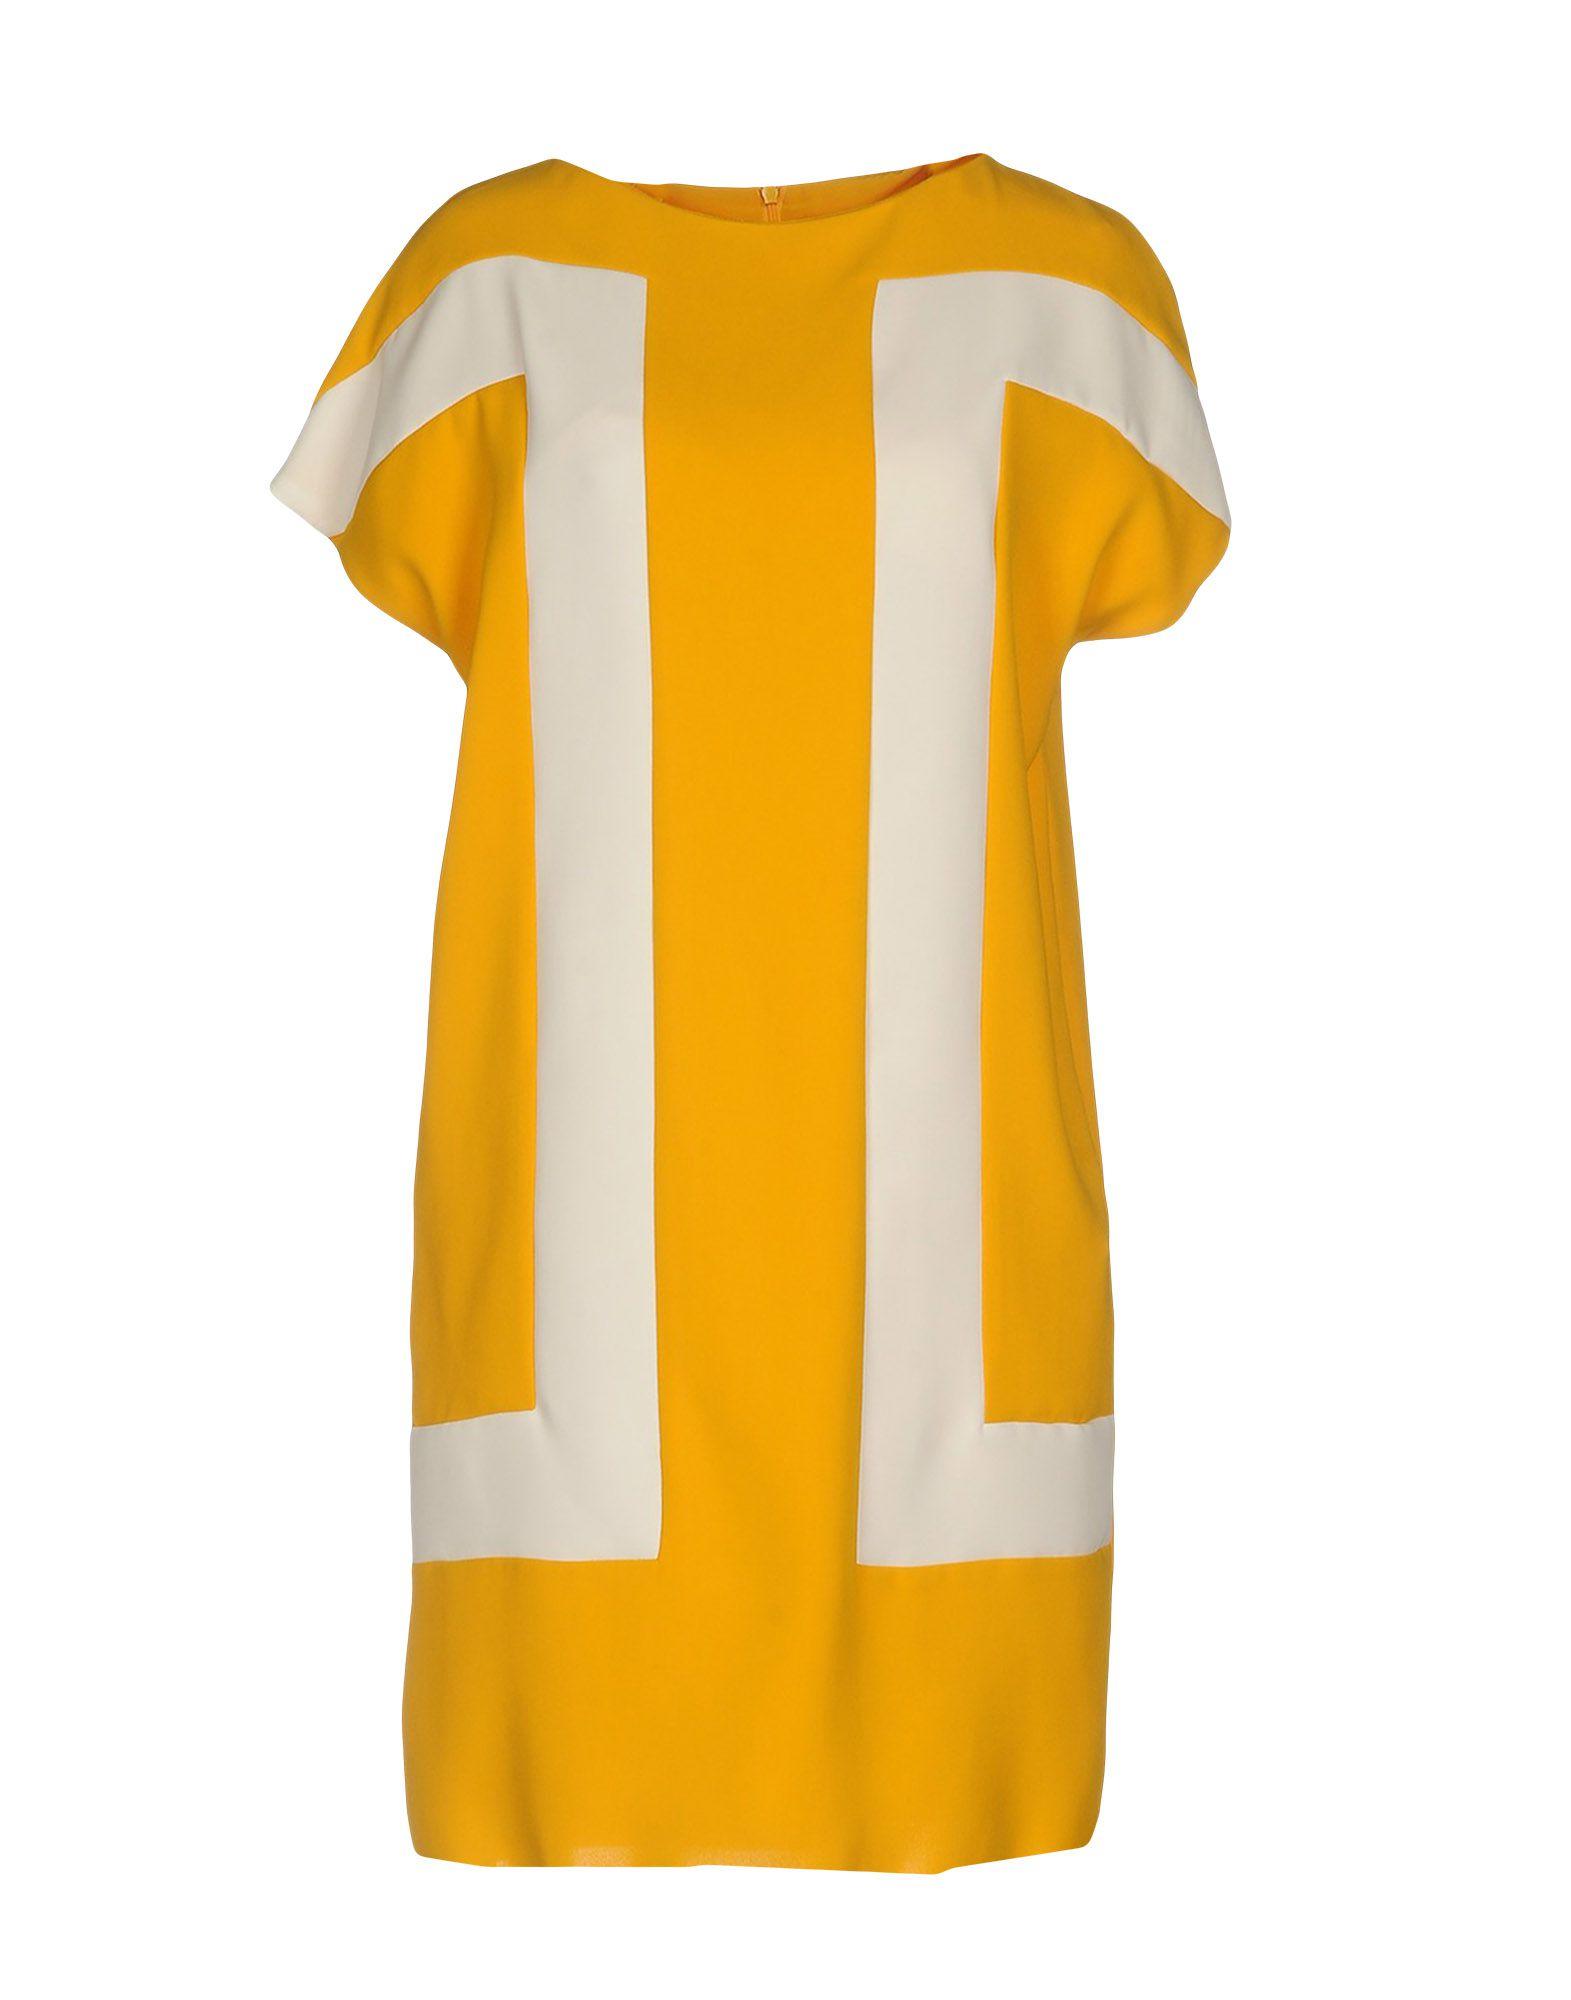 1-ONE Damen Kurzes Kleid Farbe Gelb Größe 3